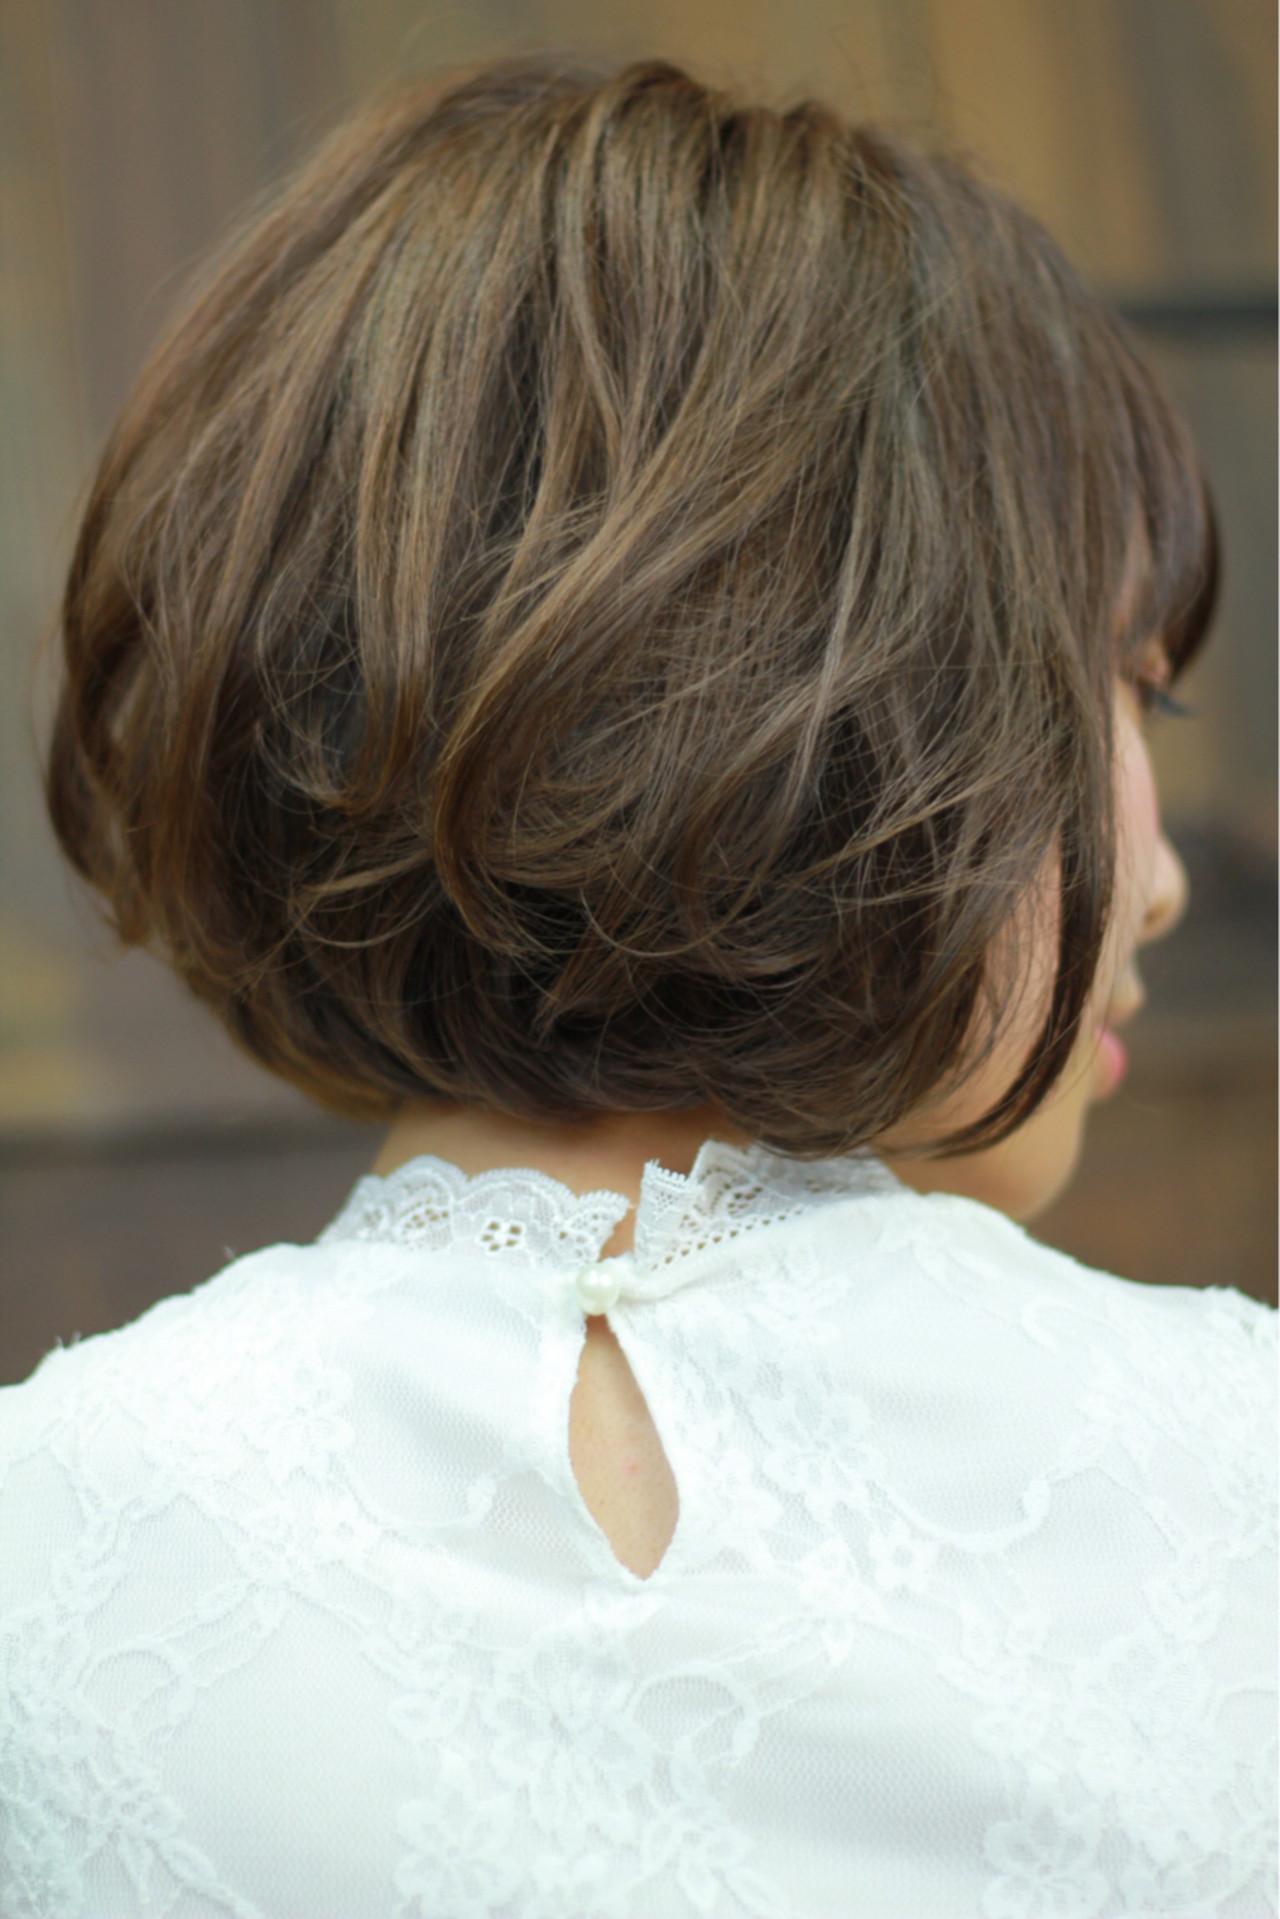 大人かわいい ナチュラル ボブ 大人女子 ヘアスタイルや髪型の写真・画像